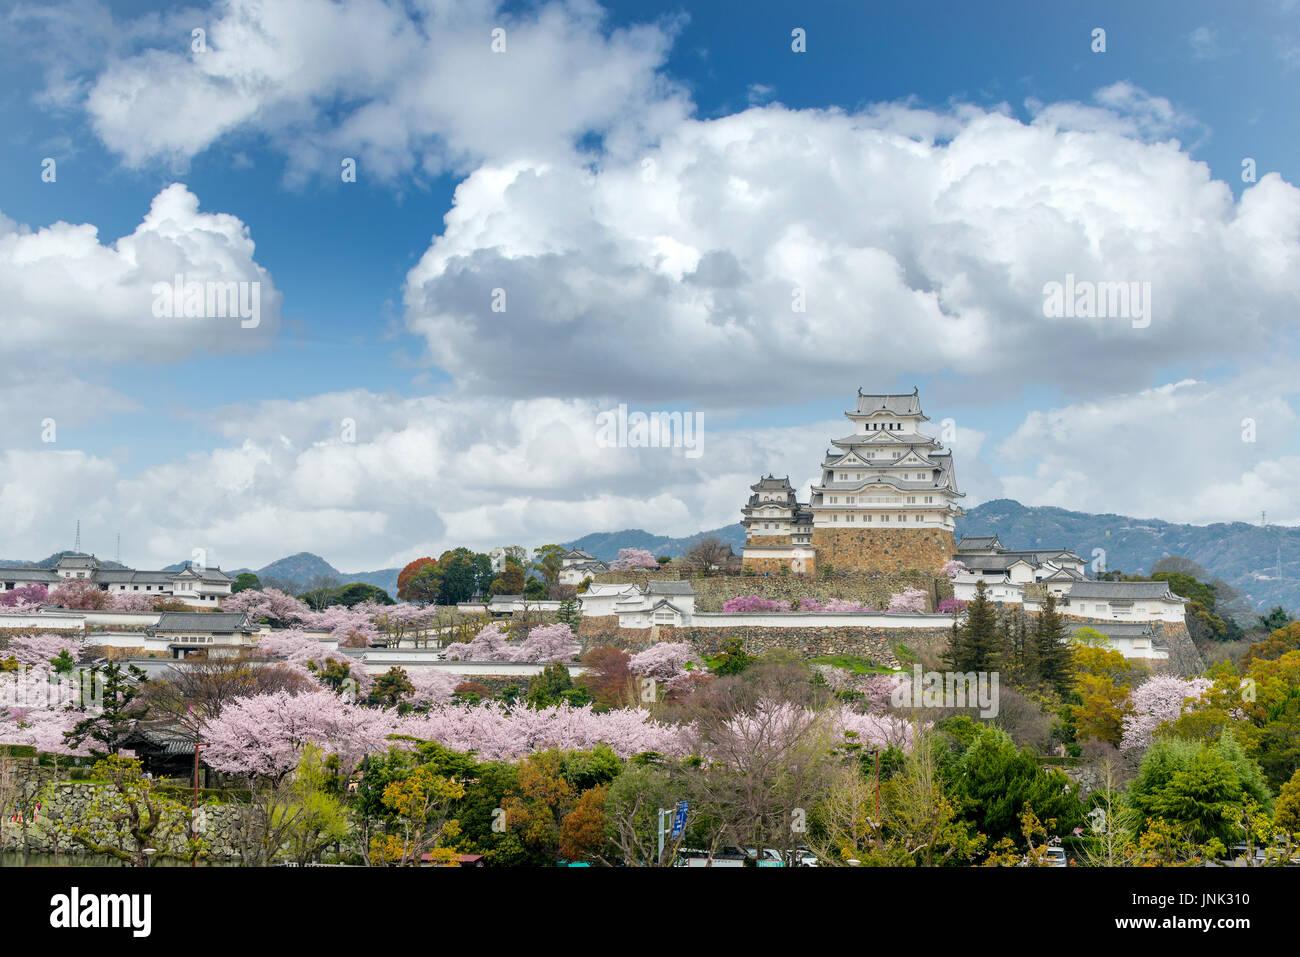 Fleur de cerisier fleurs saison avec Himeji castle à Himeji city, Hyogo près d'Osaka, Japon Photo Stock